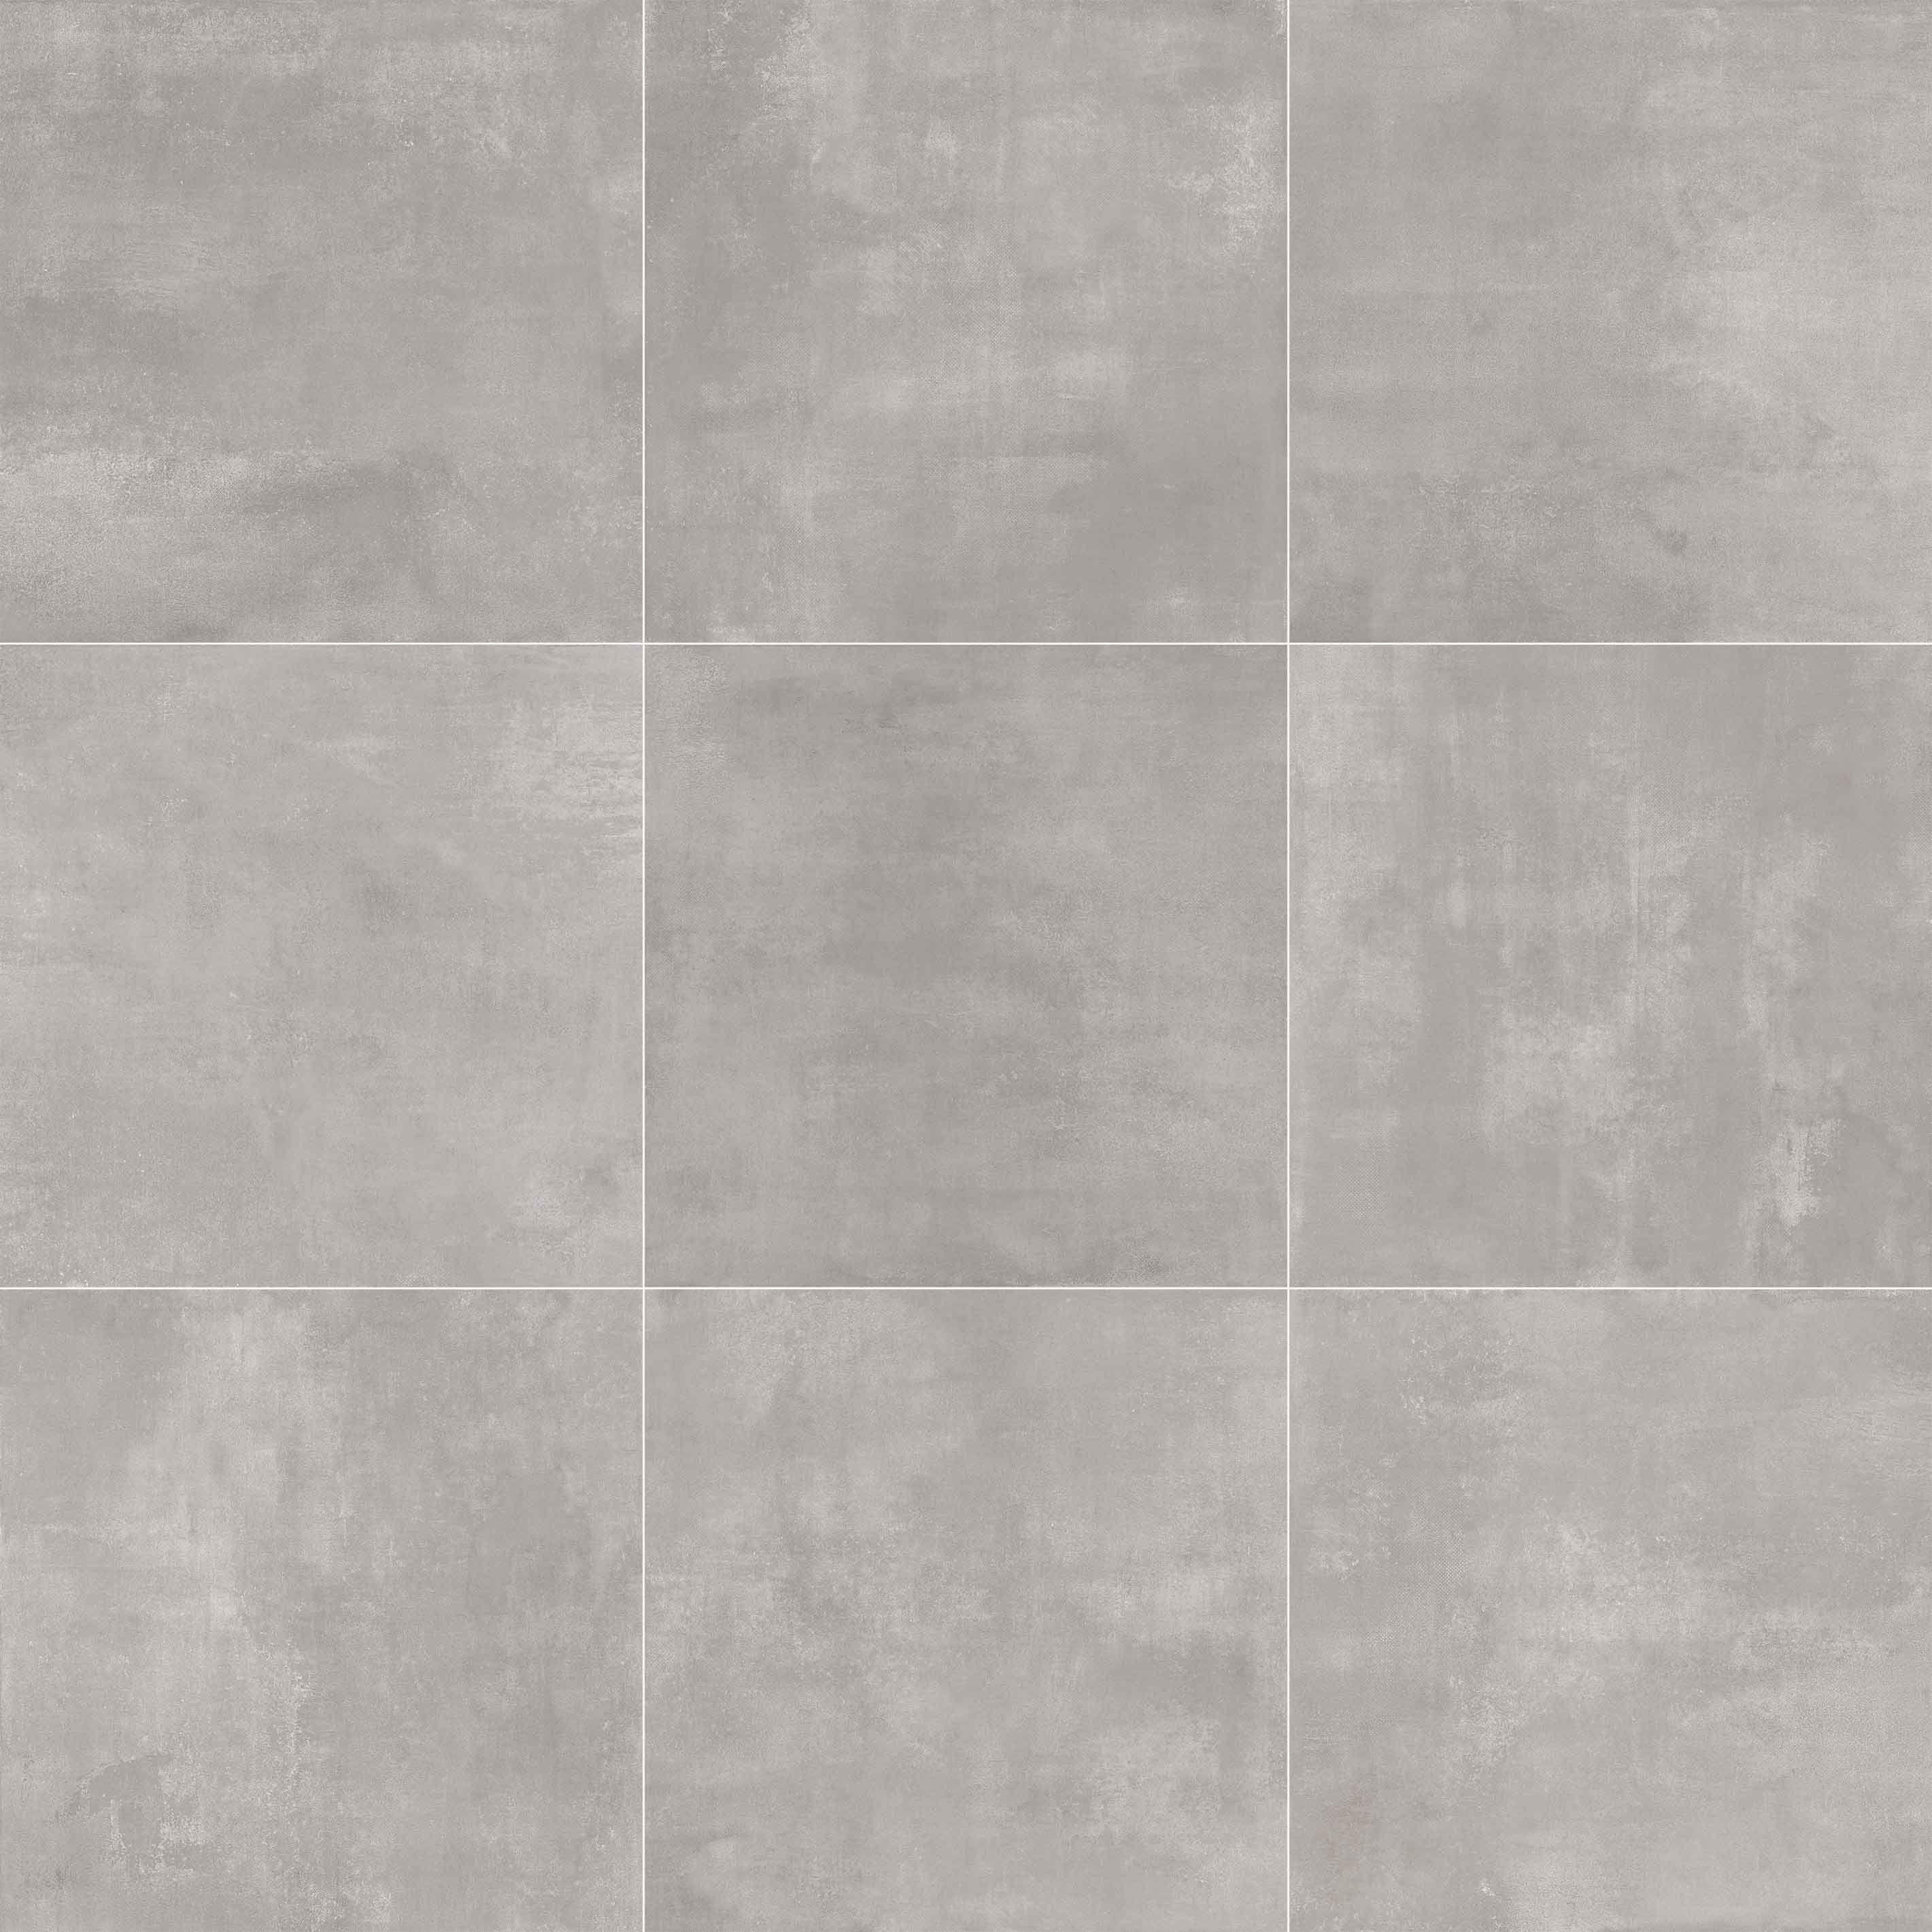 Industrialstyle porcelain floor tiles Porcelain floor